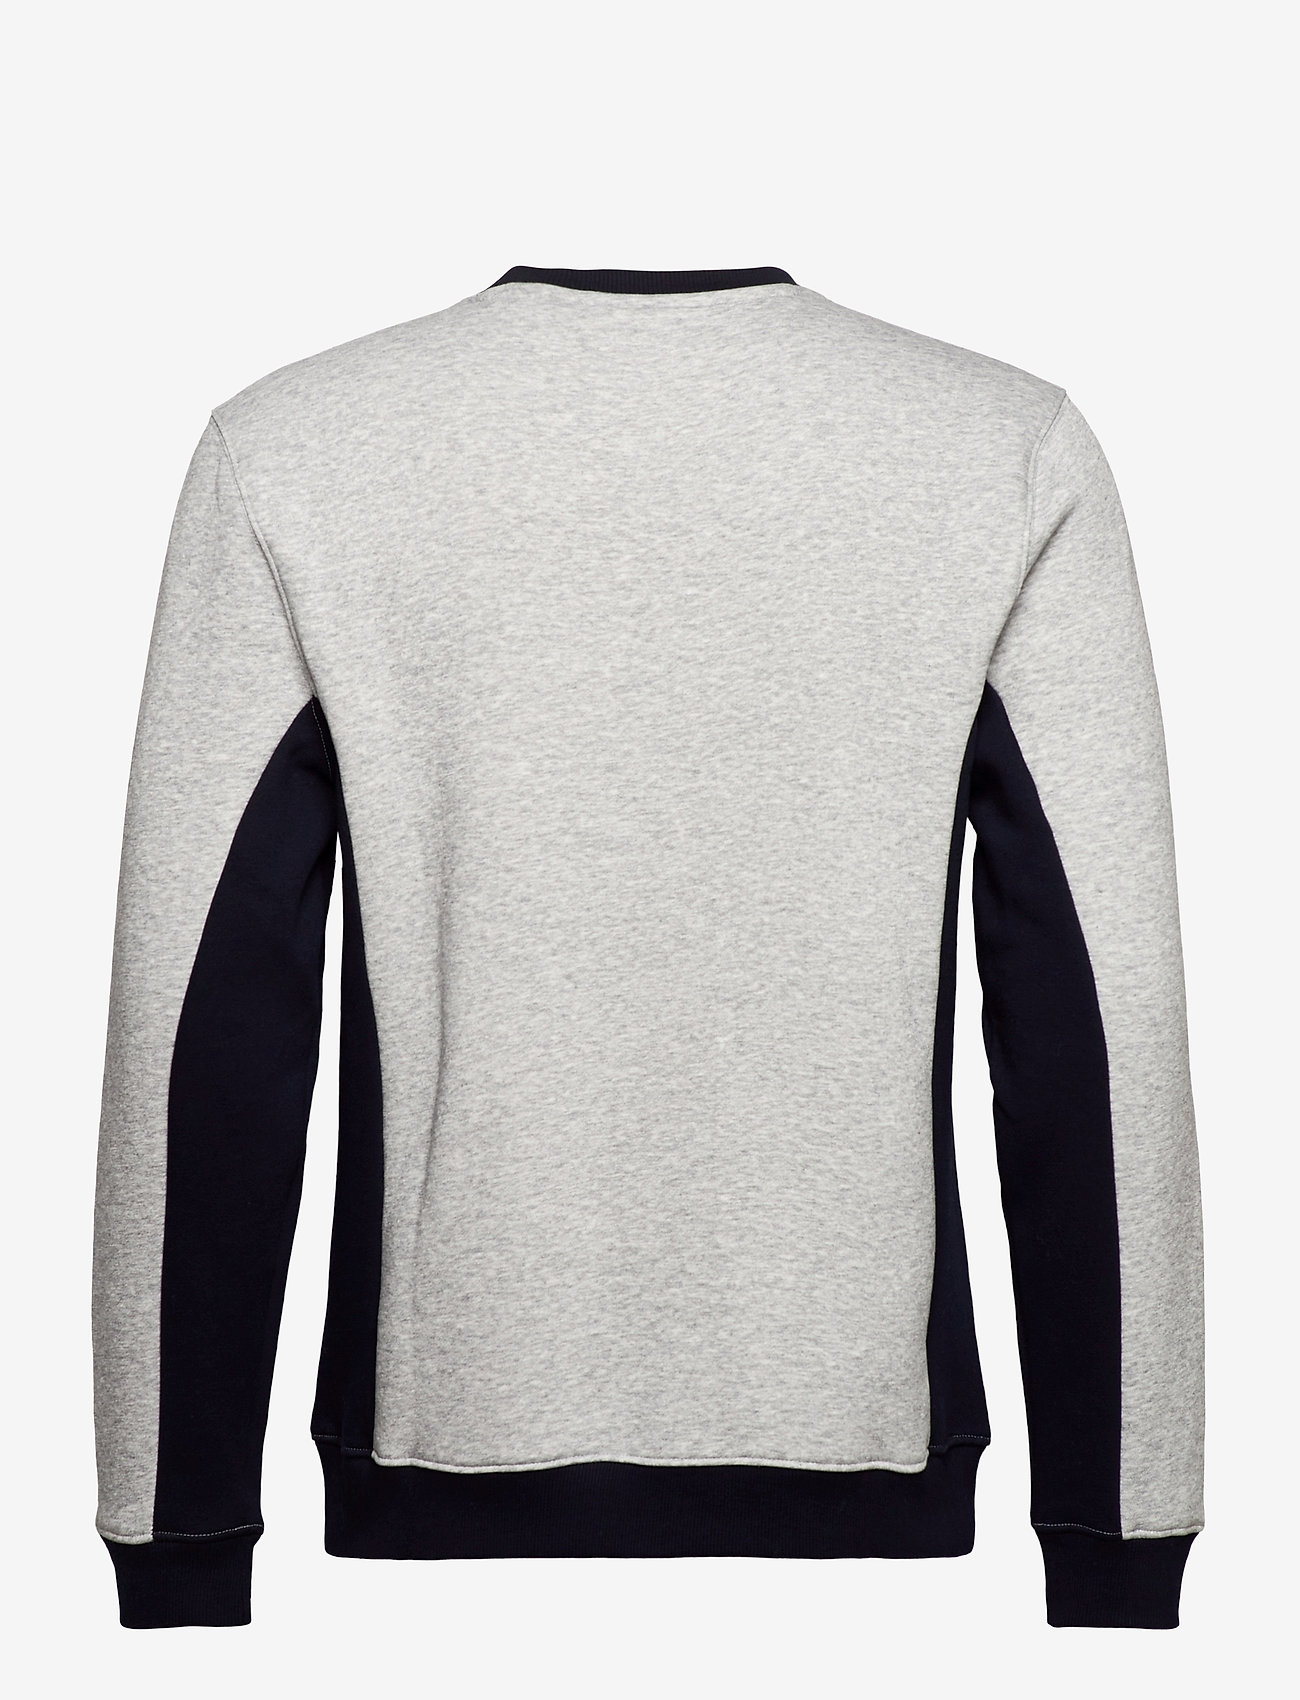 Tommy Sport - BLOCKED FLEECE CREW - longsleeved tops - grey heather - 1